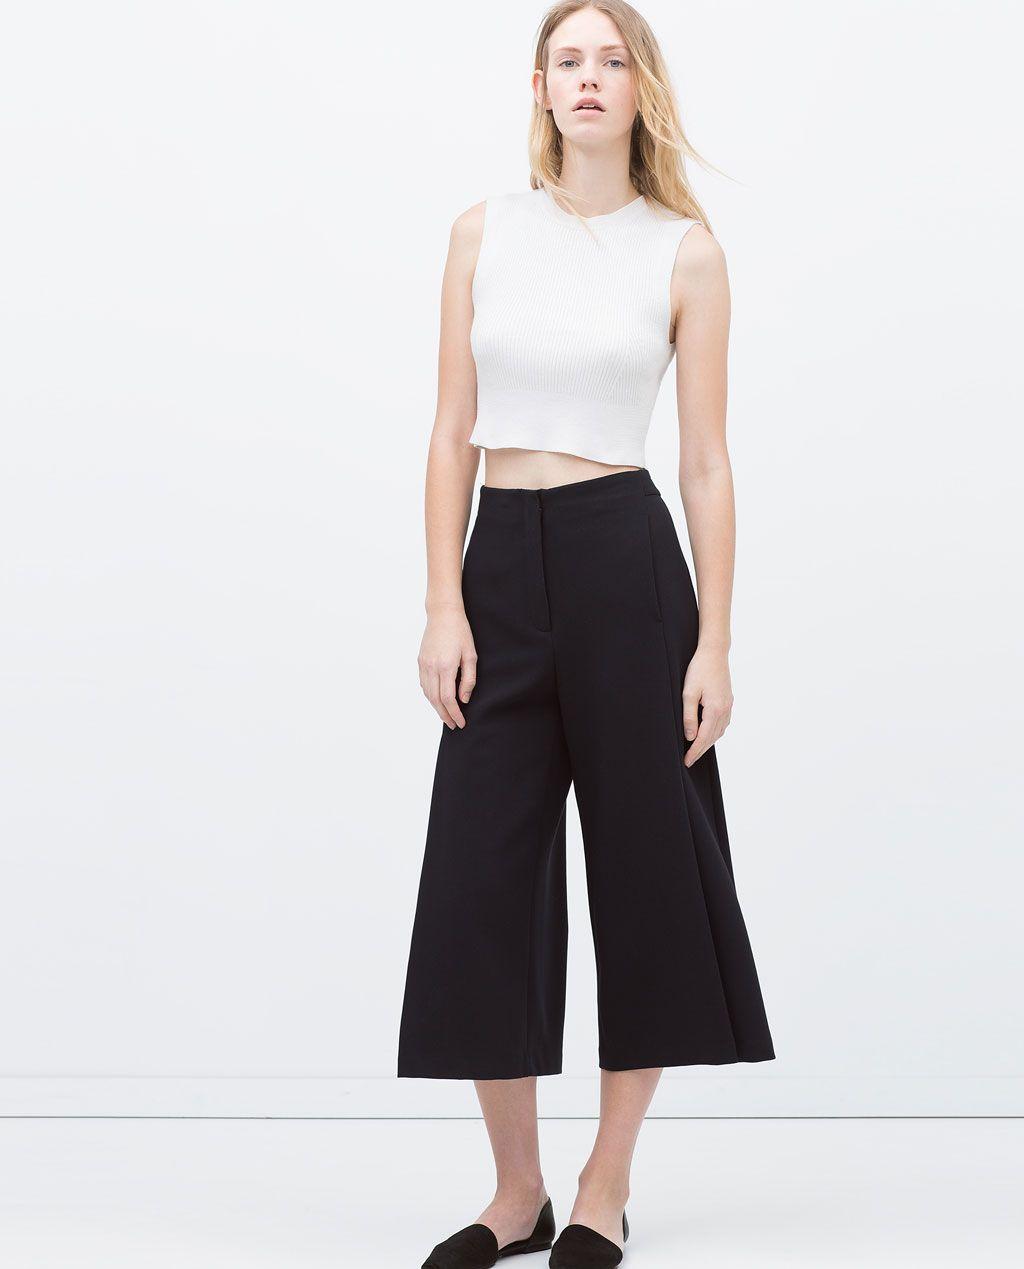 Bild 1 von Hosenrock mit Zierfalte vorne von Zara